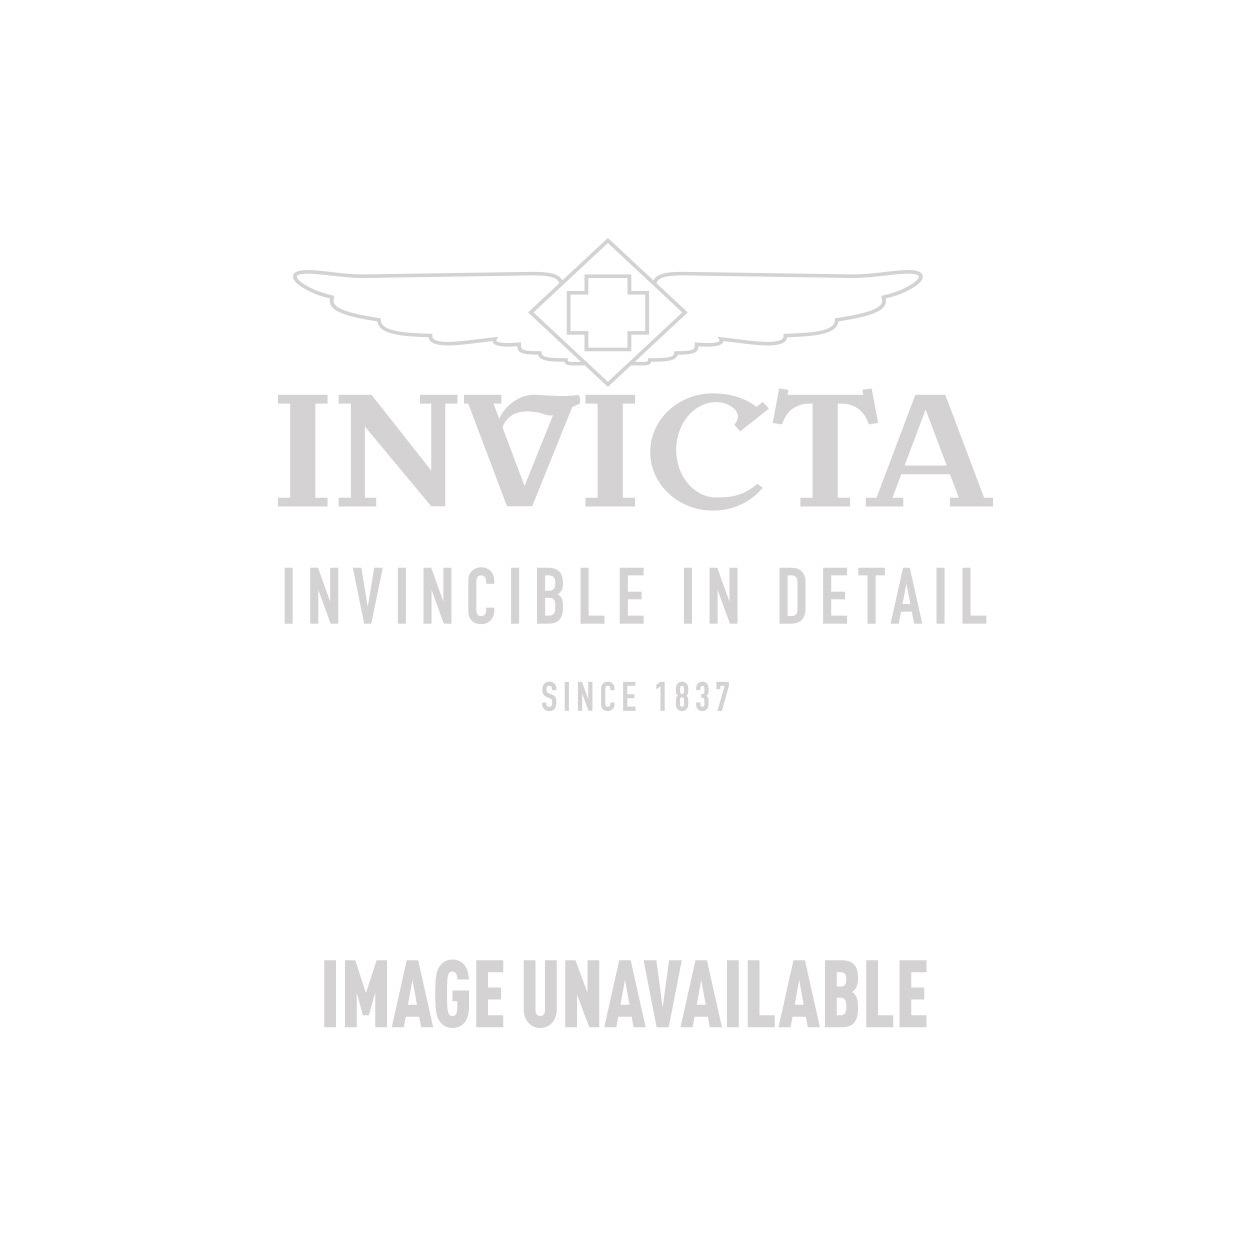 Invicta Model 23117